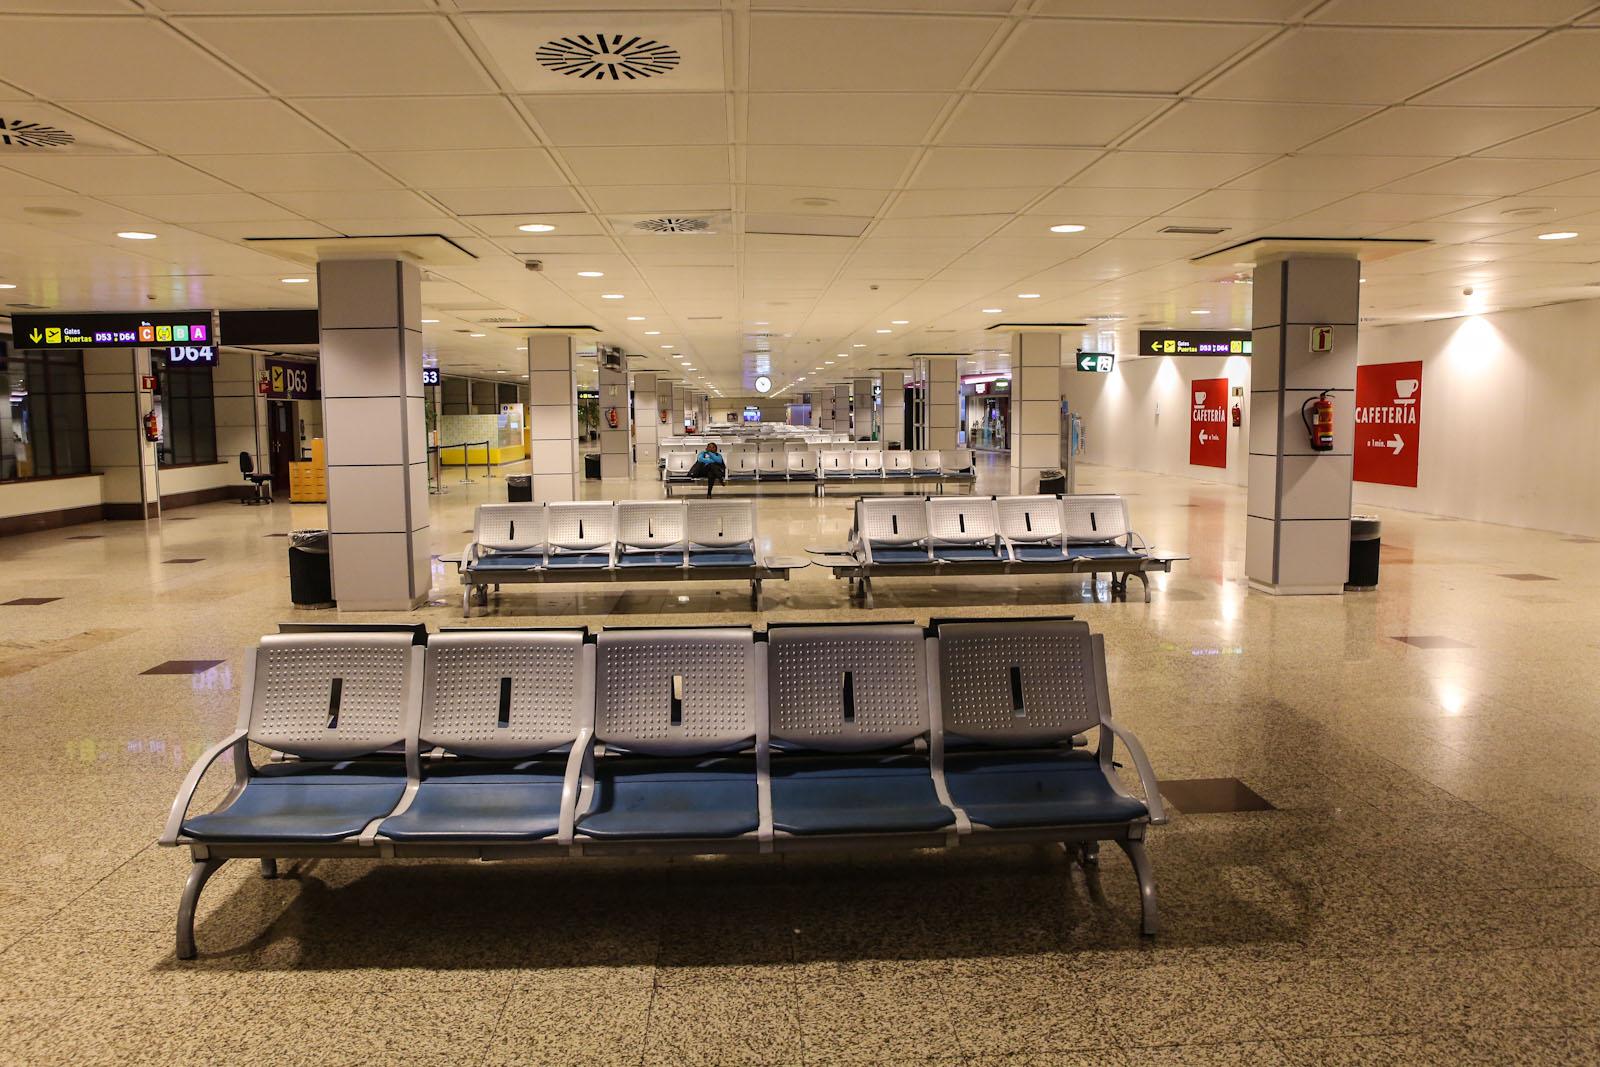 Места ожидания у выходов на посадку в терминале Т2 аэропорта Мадрид Барахас